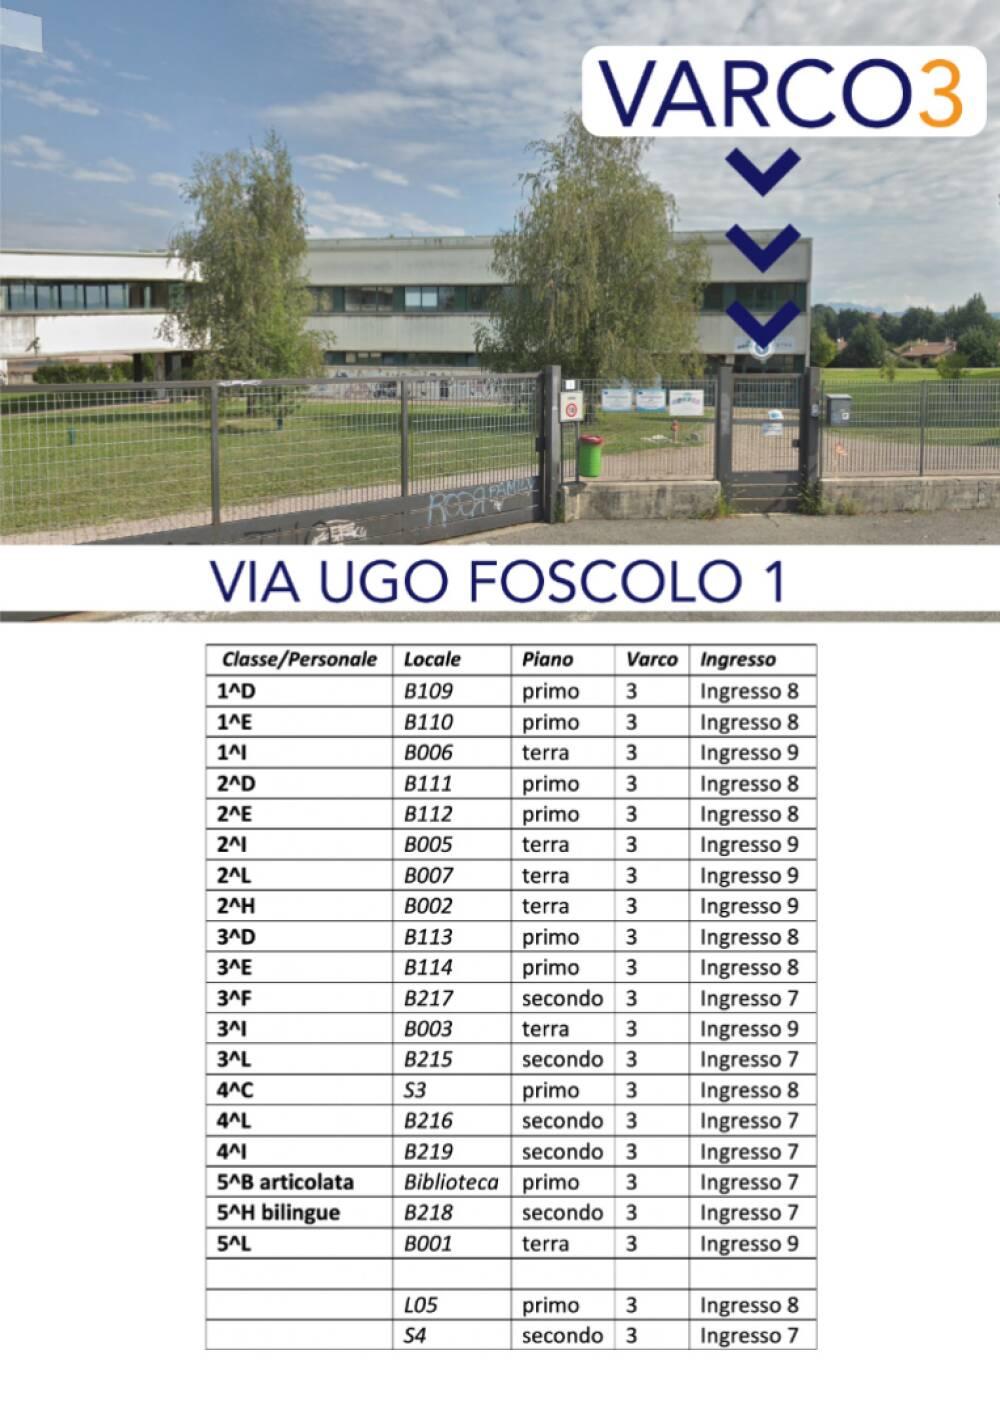 Varco 3, Ingresso da Via Ugo Foscolo 1, Villa Raverio di Besana in Brianza